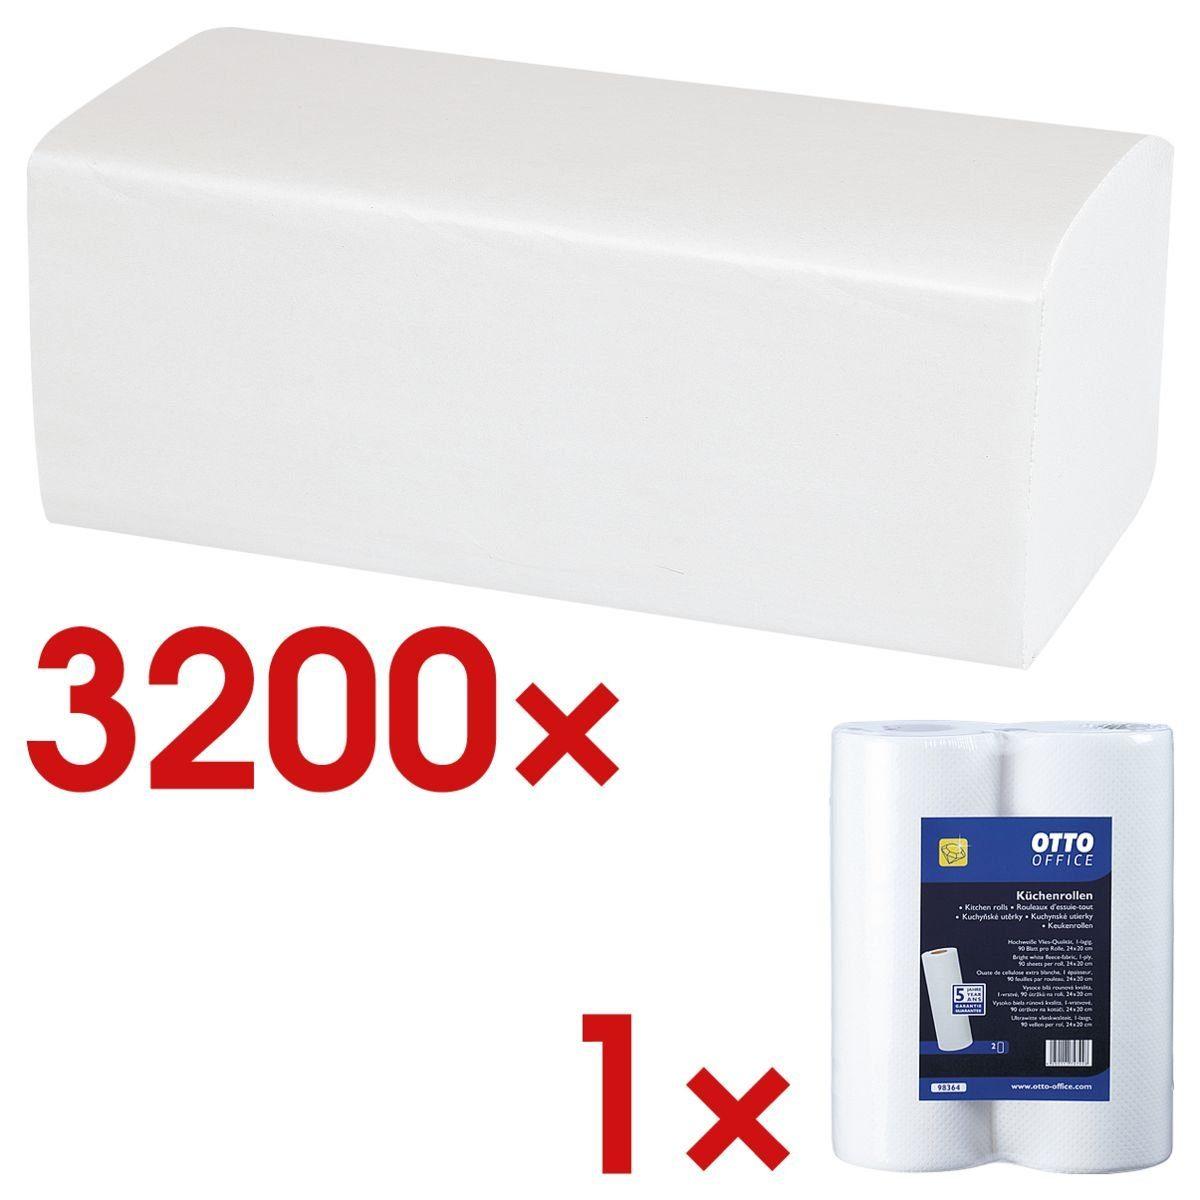 OTTOOFFICE STANDARD Papierhandtücher inkl. Küchenrollen 1 Set